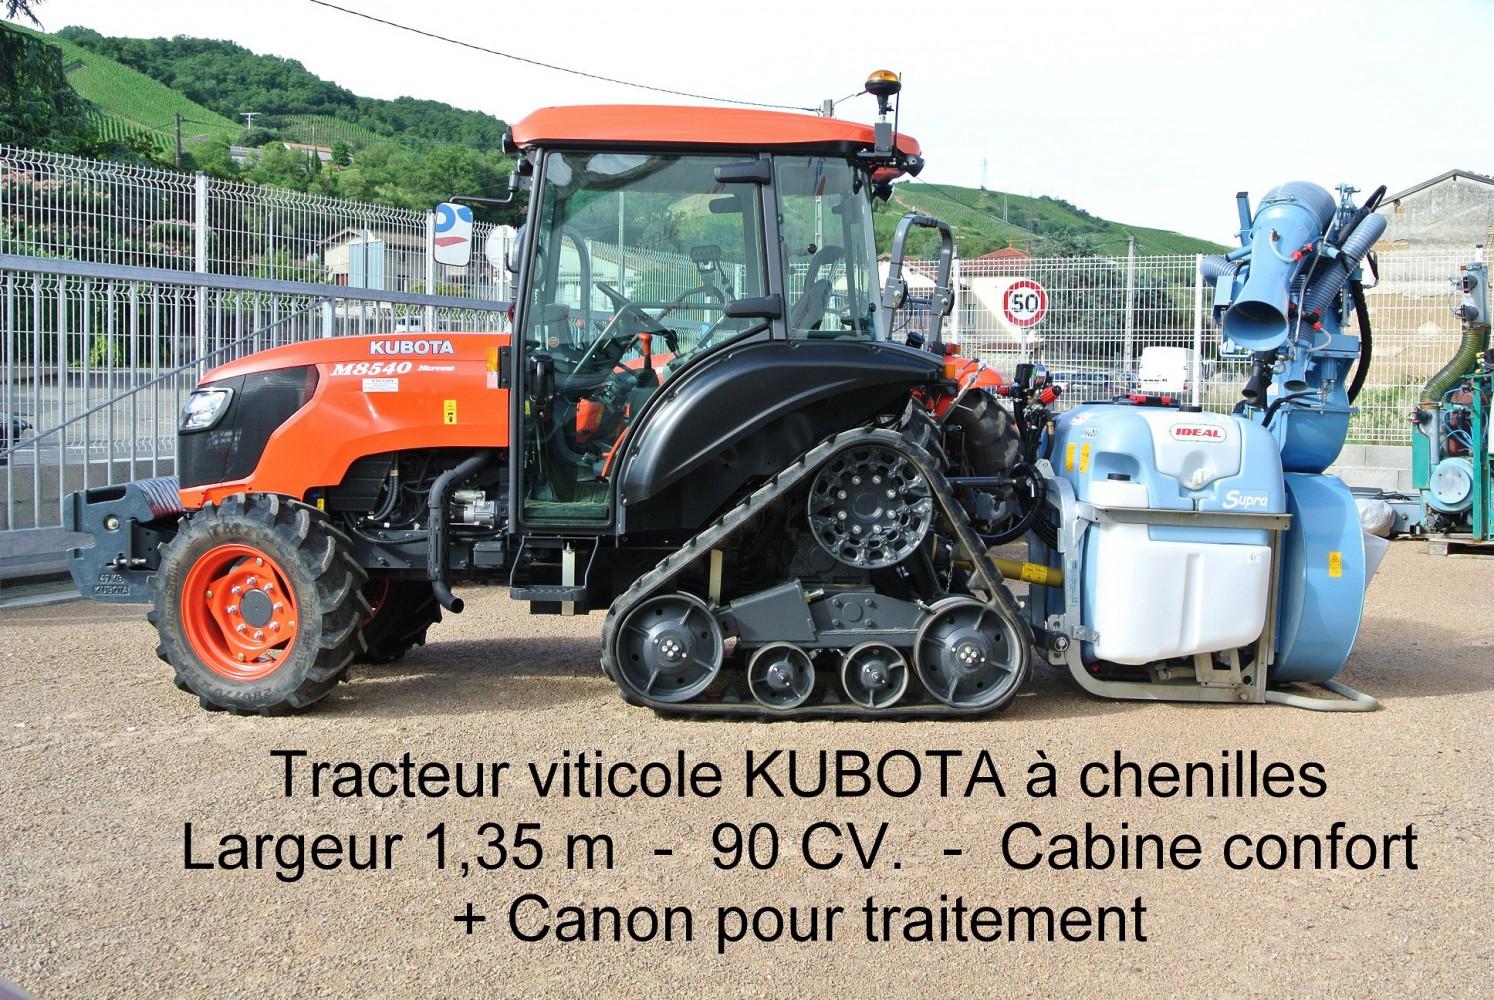 Tracteur viticole KUBOTA à chenilles